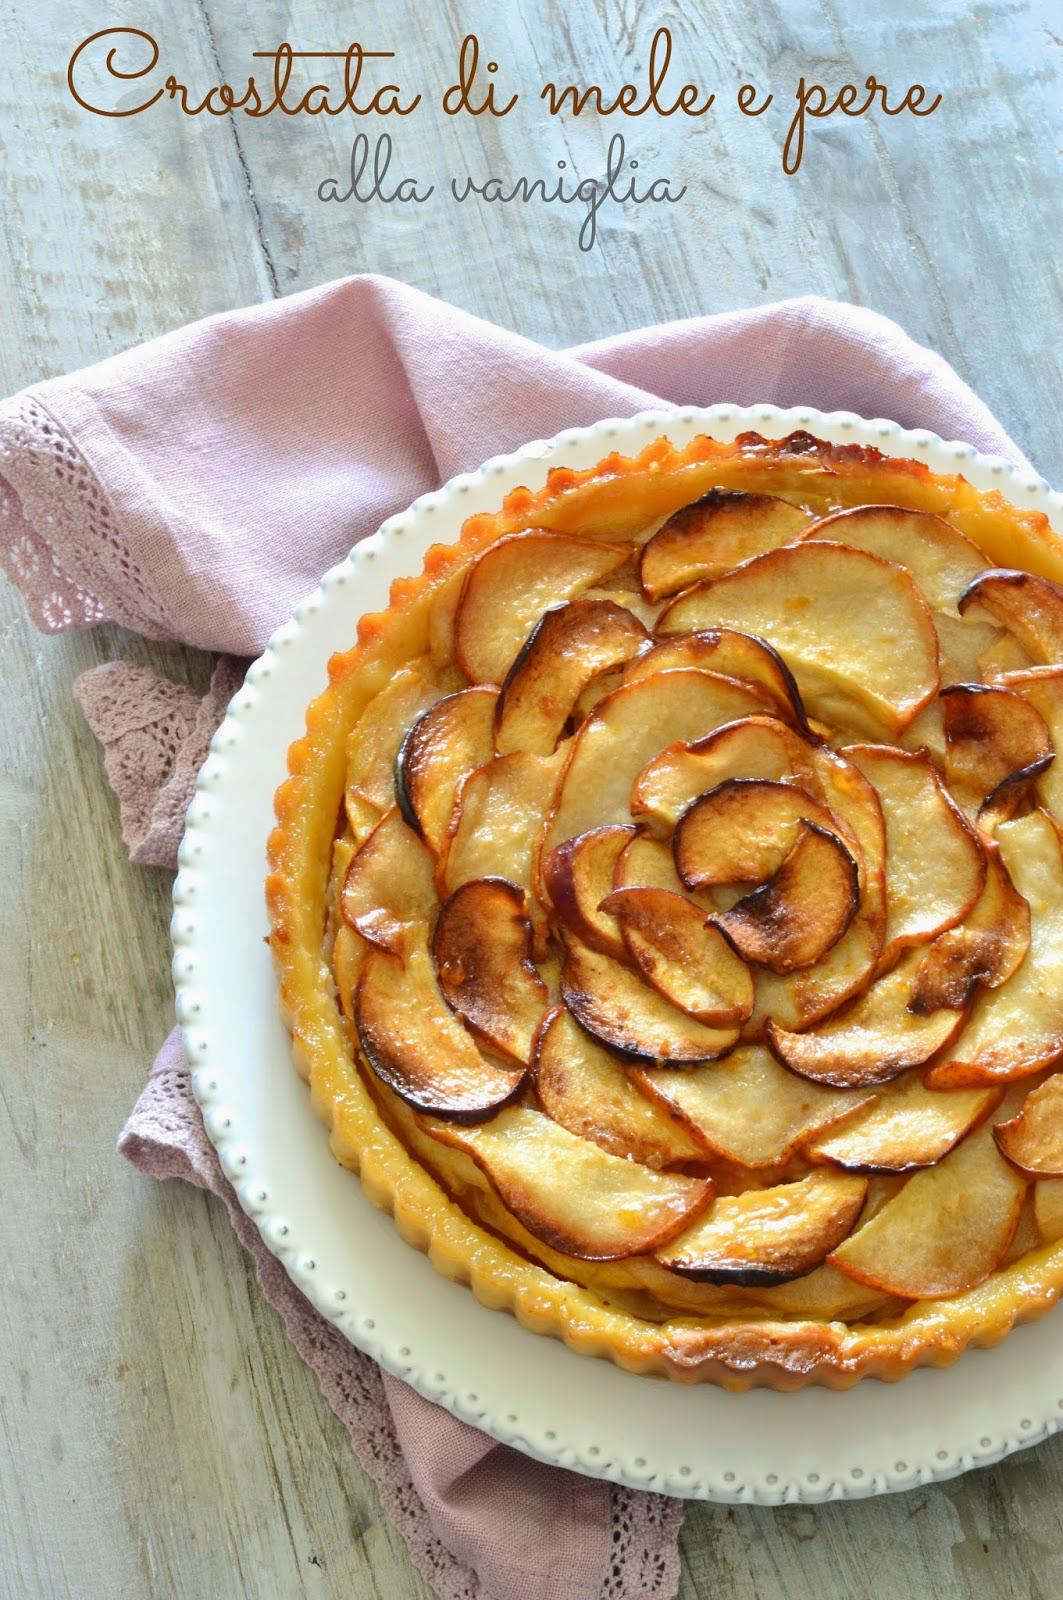 crostata di mele e pere alla vaniglia